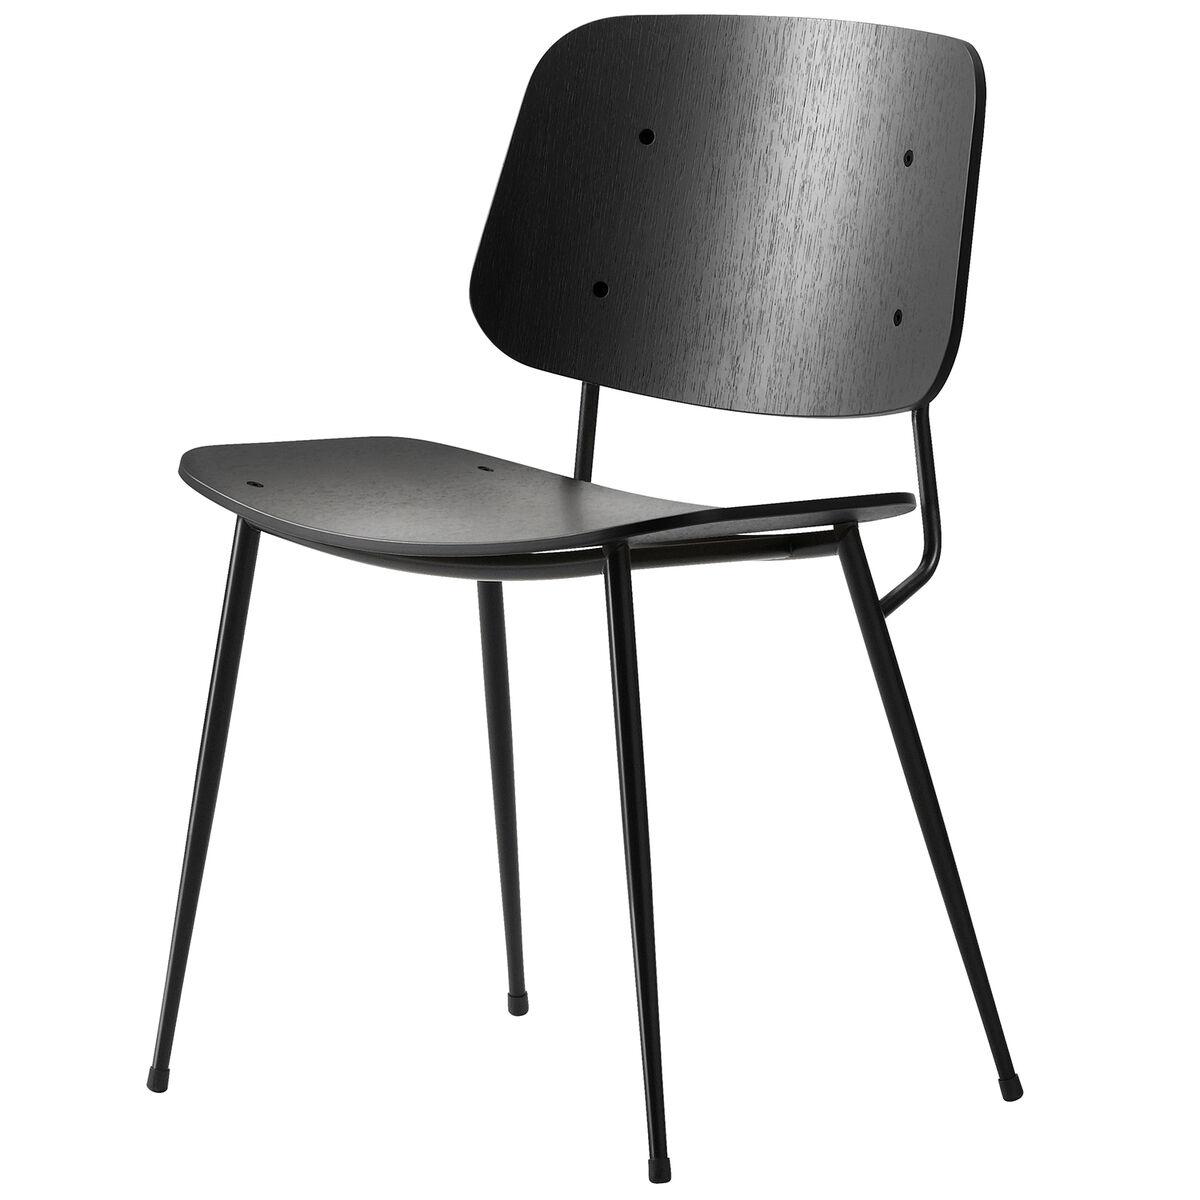 Fredericia S�borg tuoli 3060, musta ter�srunko, musta tammi